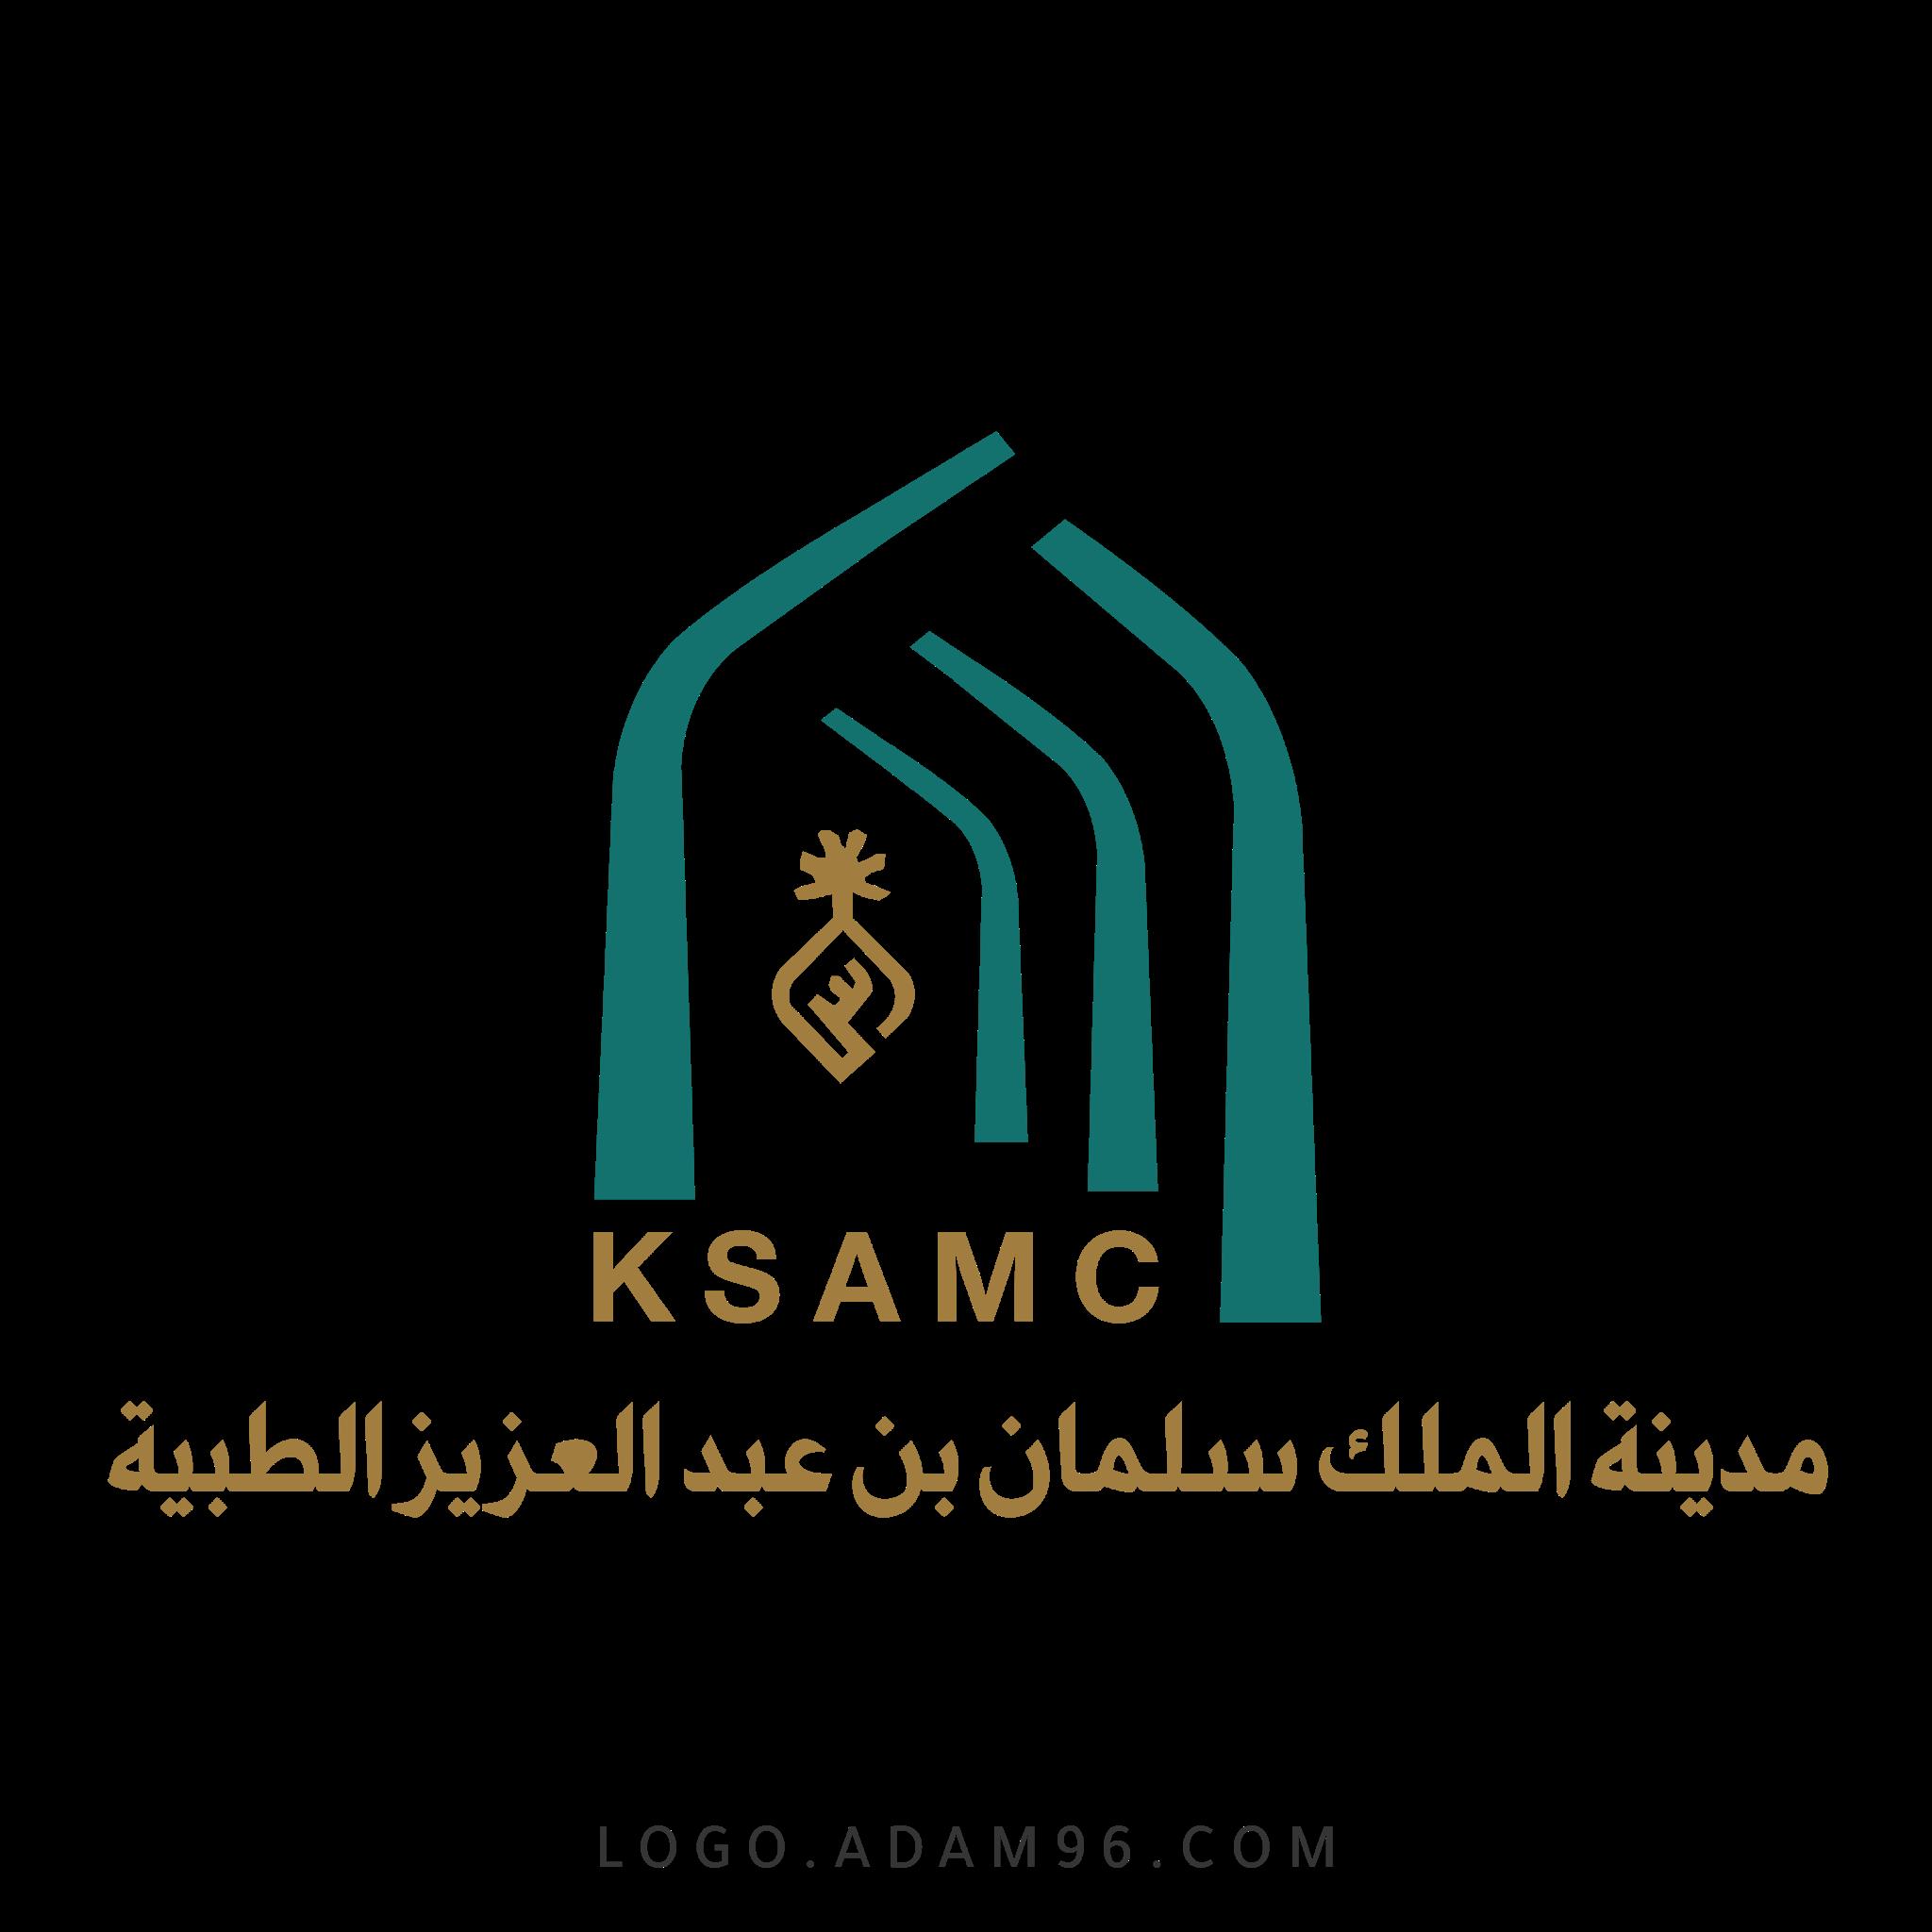 تحميل شعار مدينة الملك سلمان بن عبد العزيز الطبية لوجو رسمي شفاف بصيغة PNG